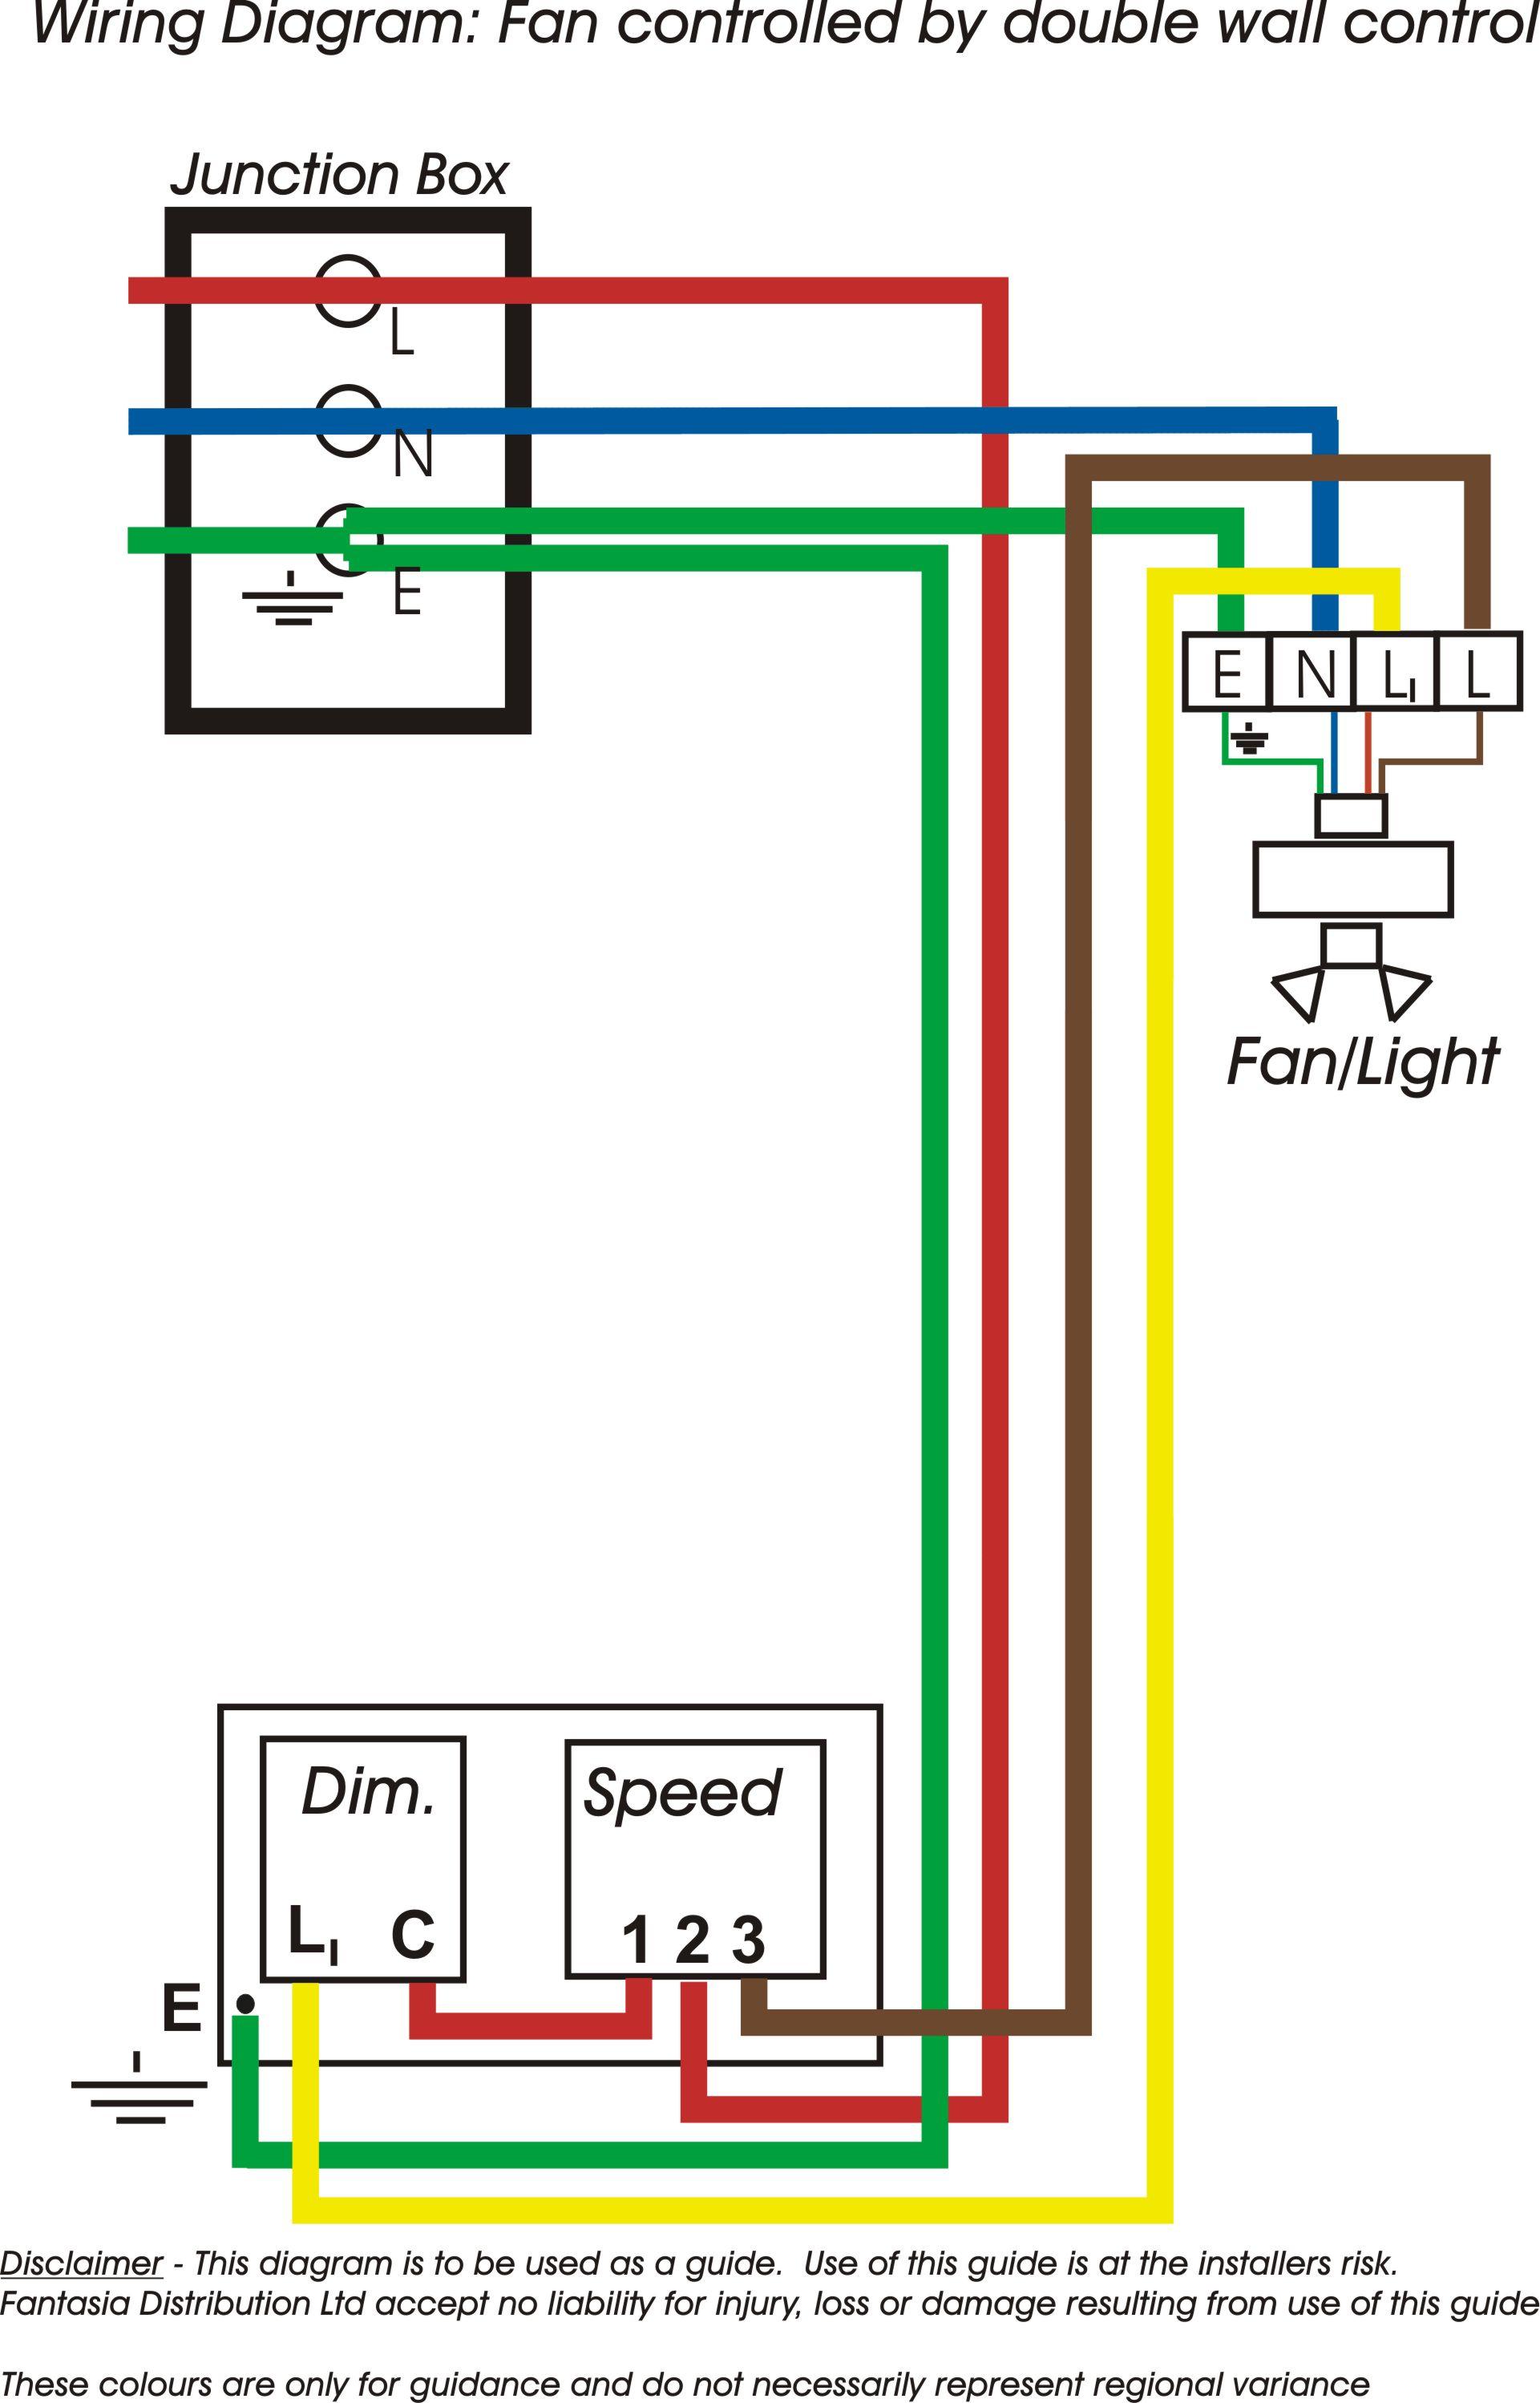 Wiring Diagrams Best Of Ceiling Fan Wire Diagram - Wiring Diagrams - Fan Wiring Diagram